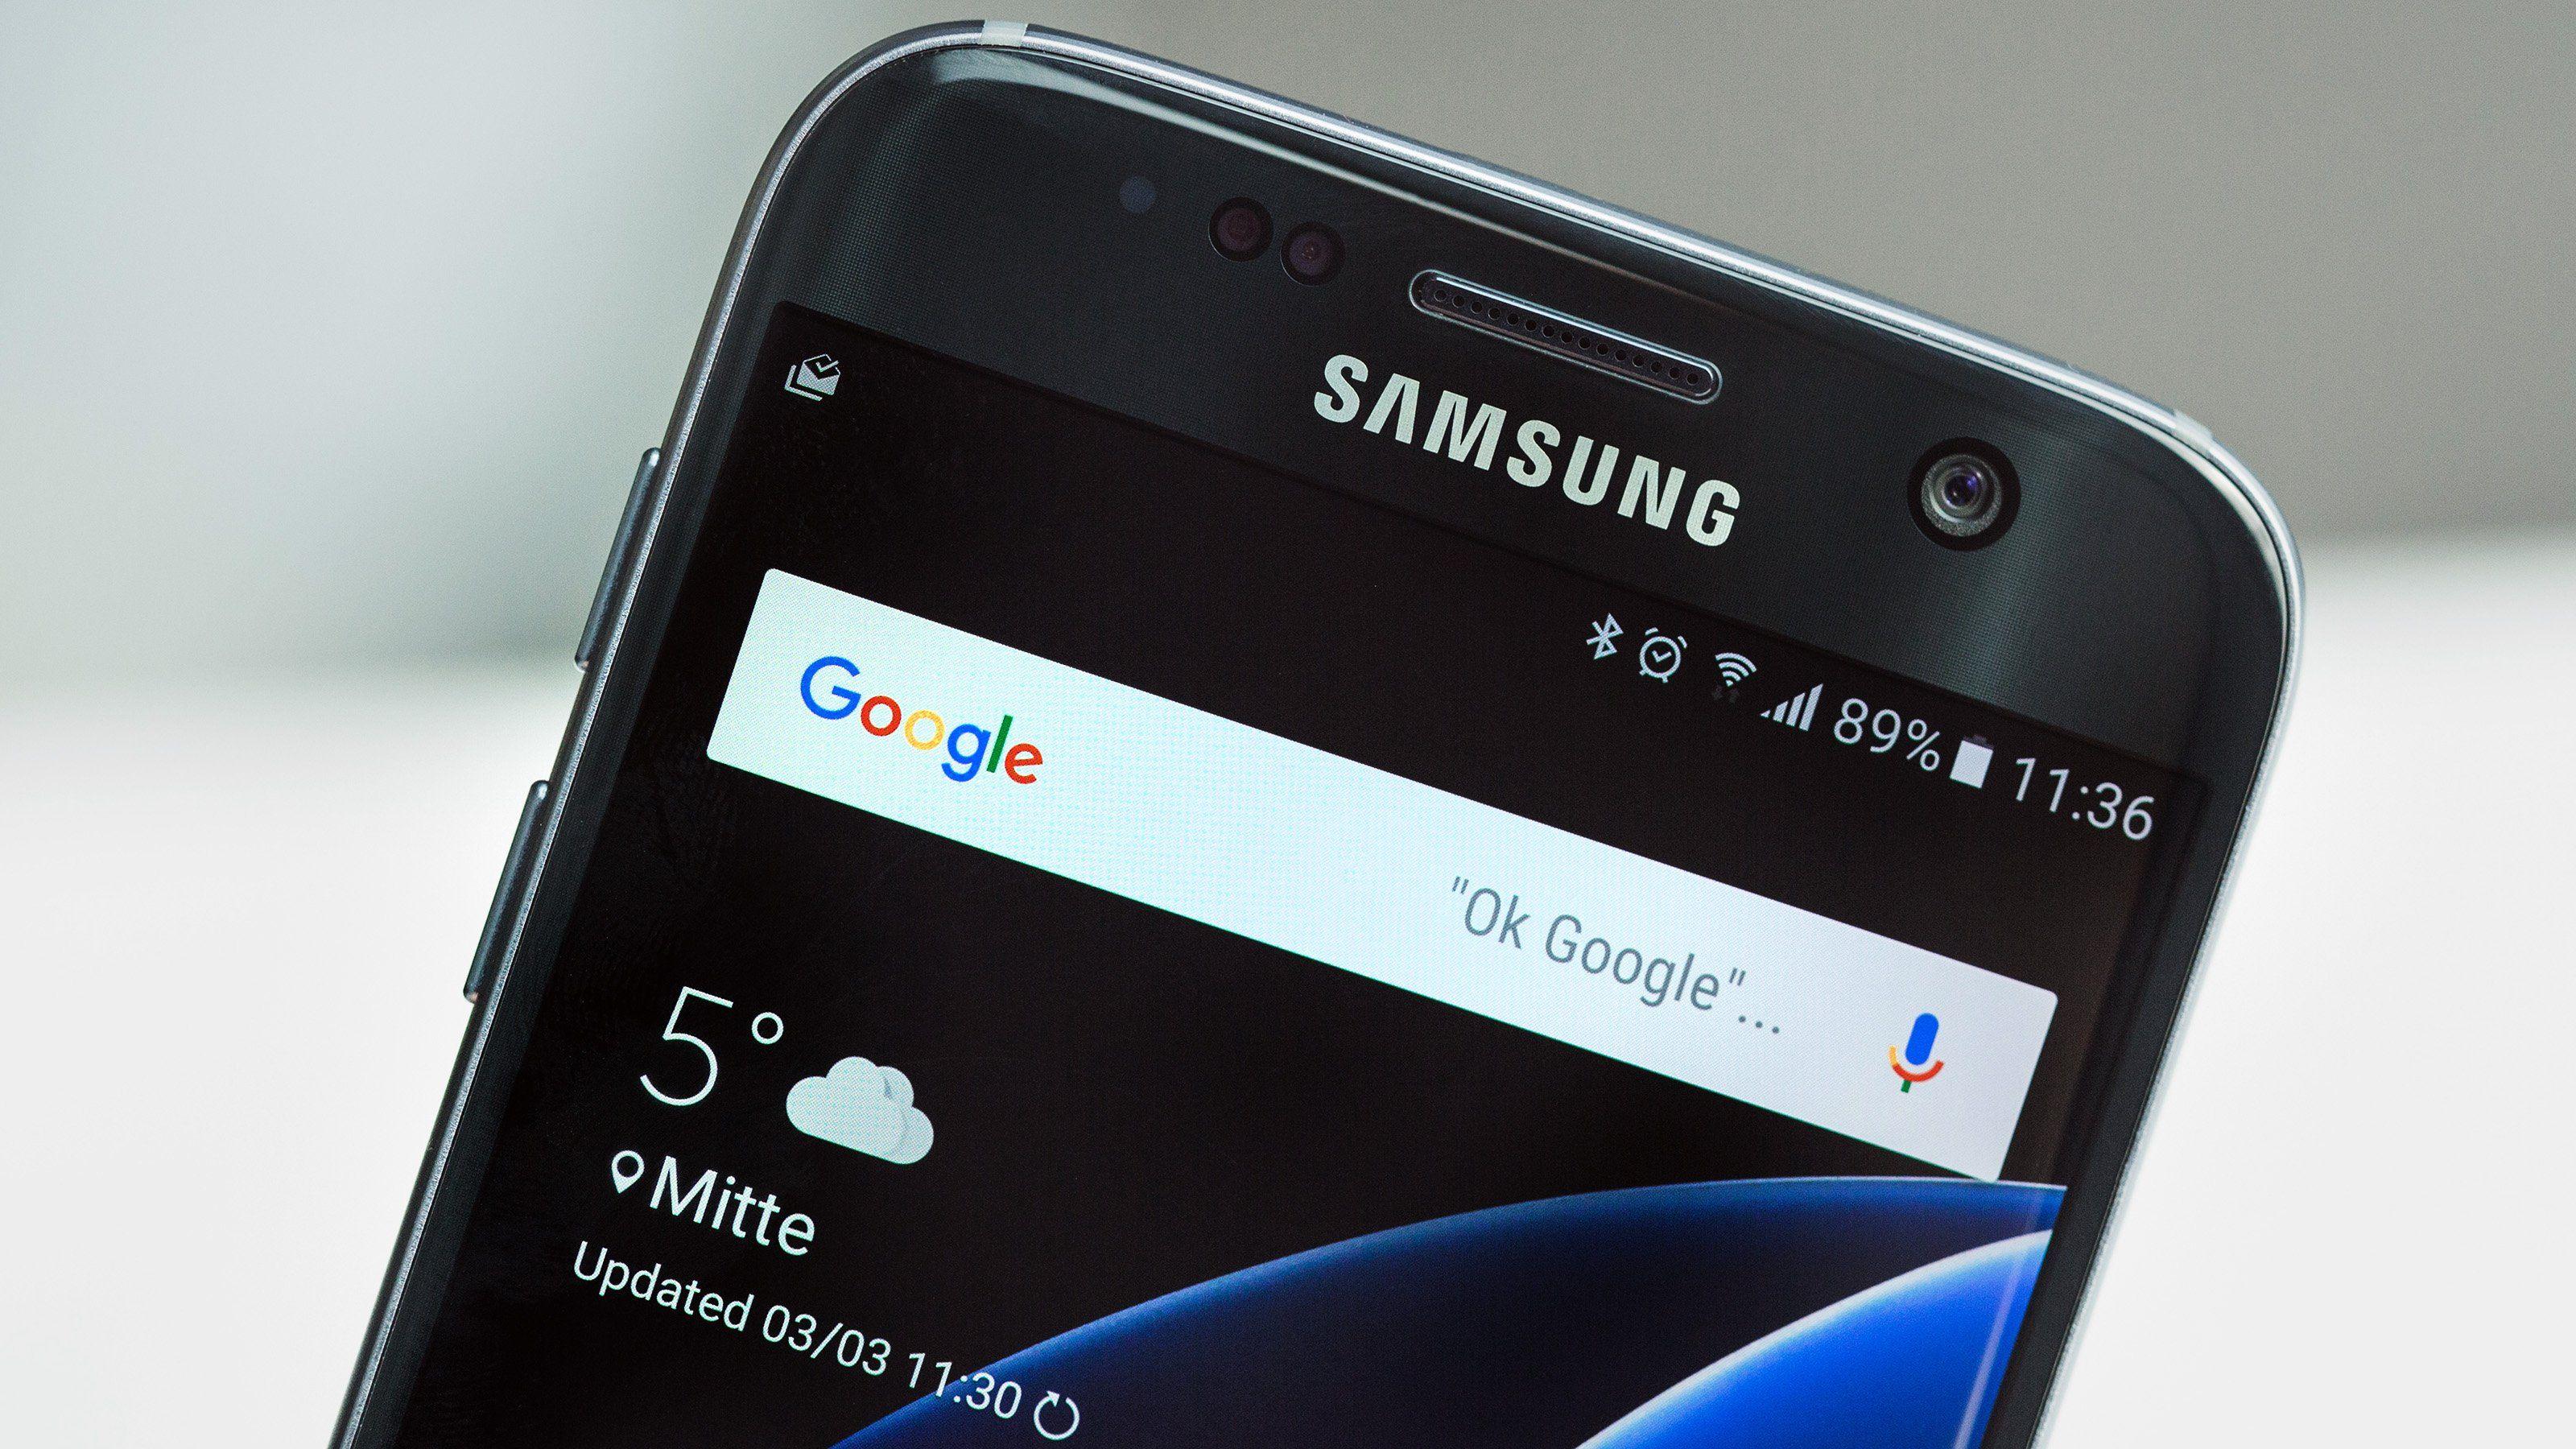 Galaxy J7 Prime Samsung quer desbancar Quantum Asus e Lenovo este aparelho EExpoNews